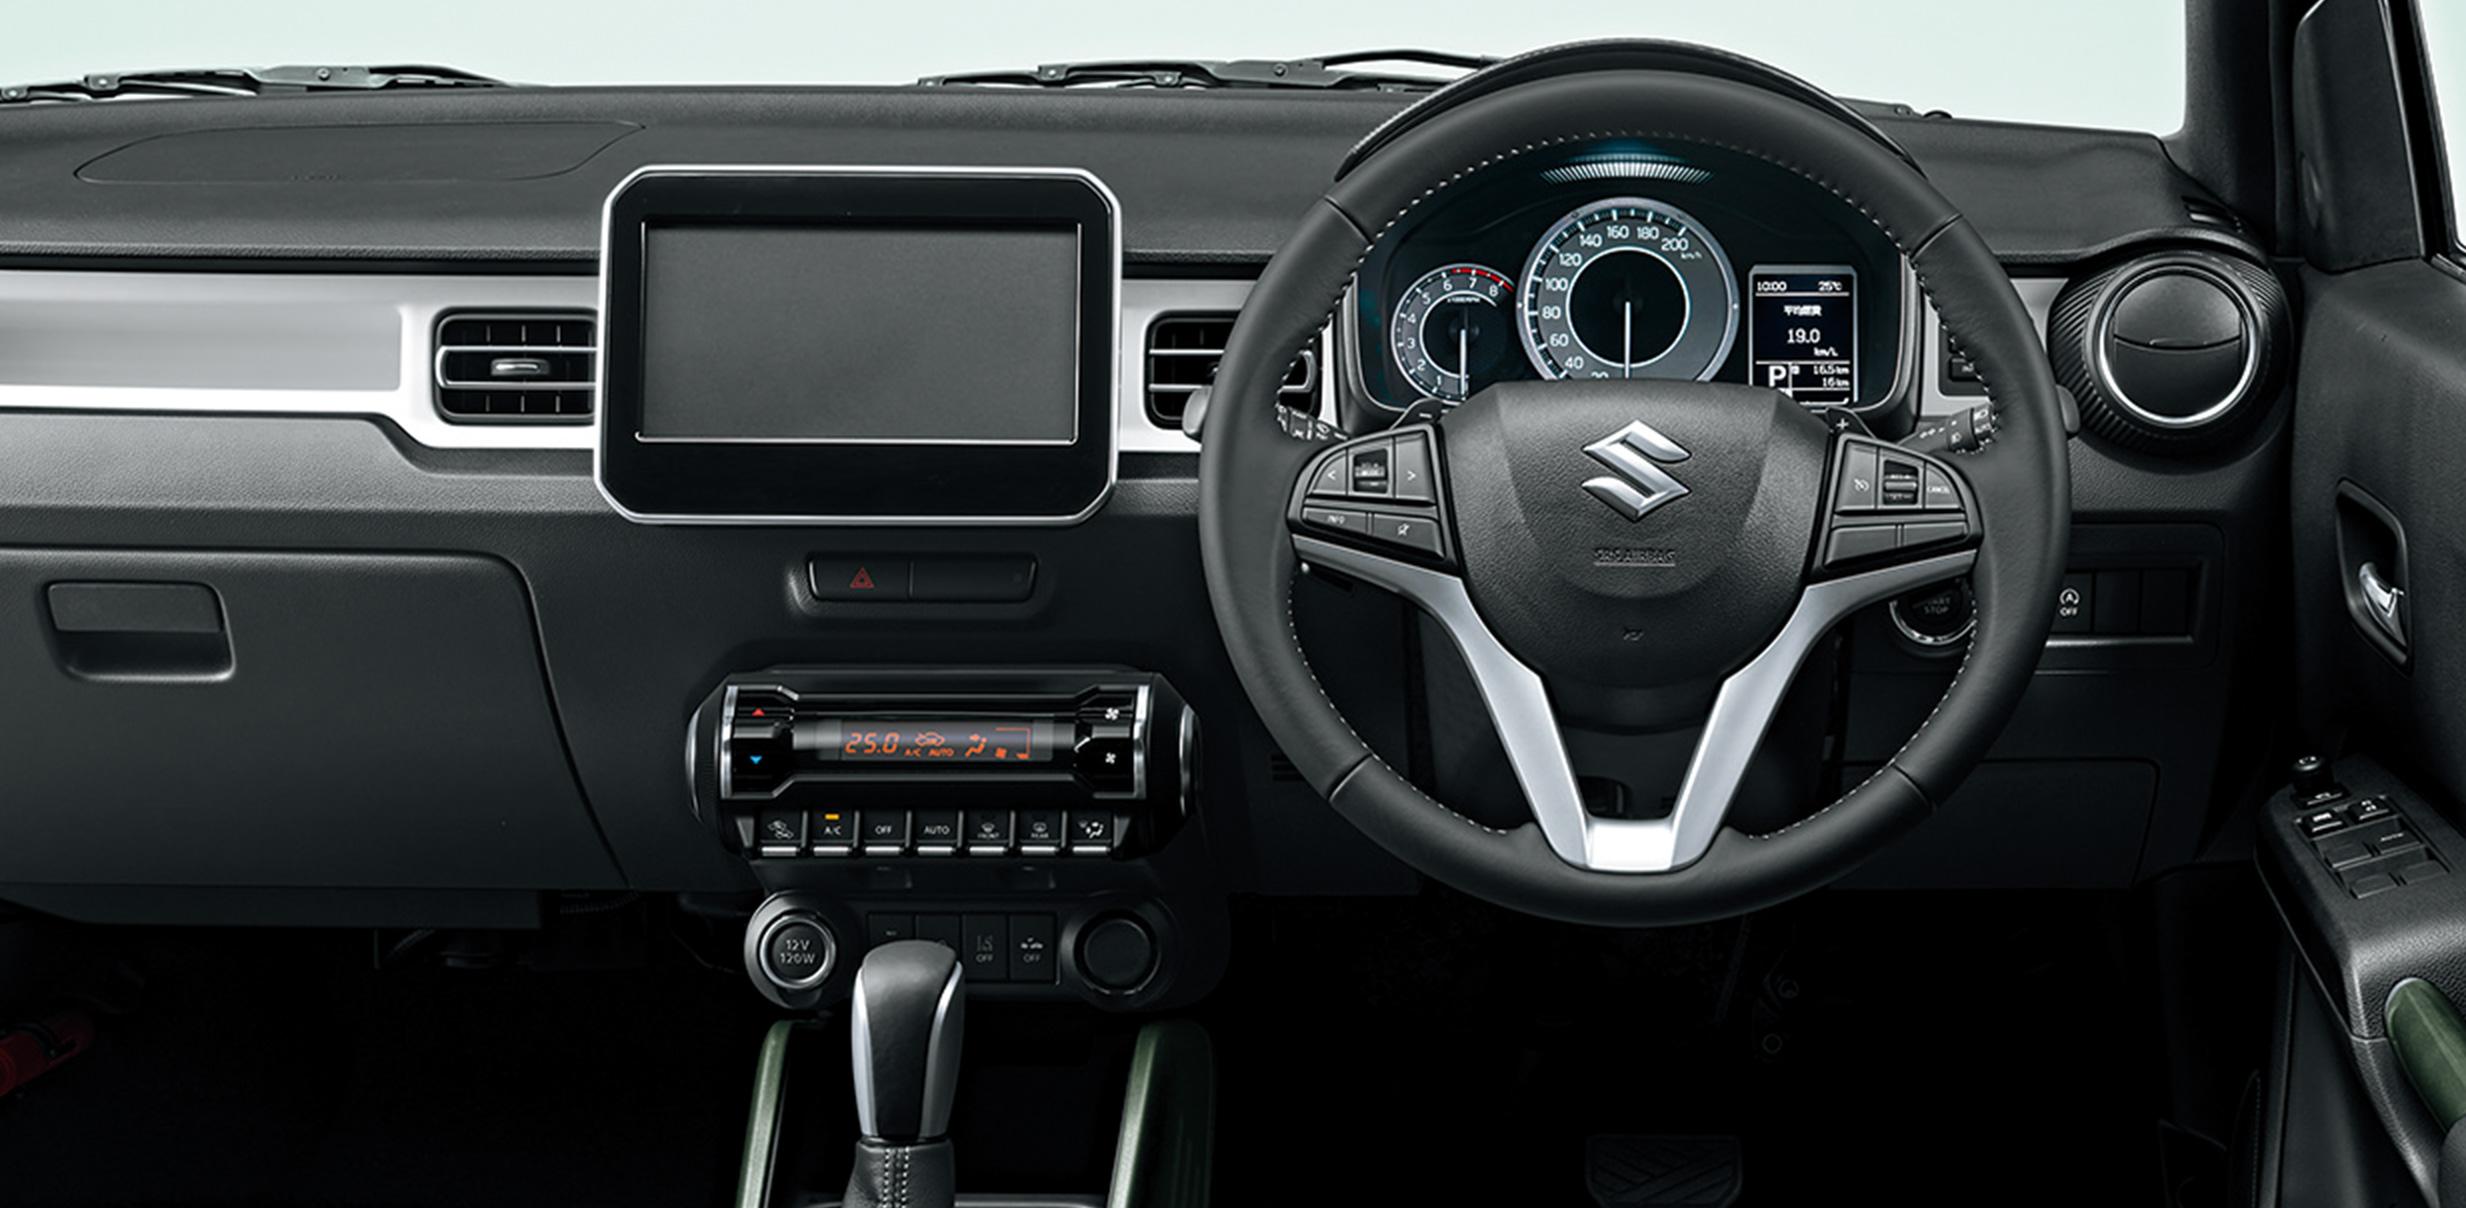 イグニスの内装(インテリア)真横から見た画像。HYBRID MZ 4WDセーフティパッケージ・全方位モニター用カメラパッケージ装着車。ボディーカラーはピュアホワイトパール